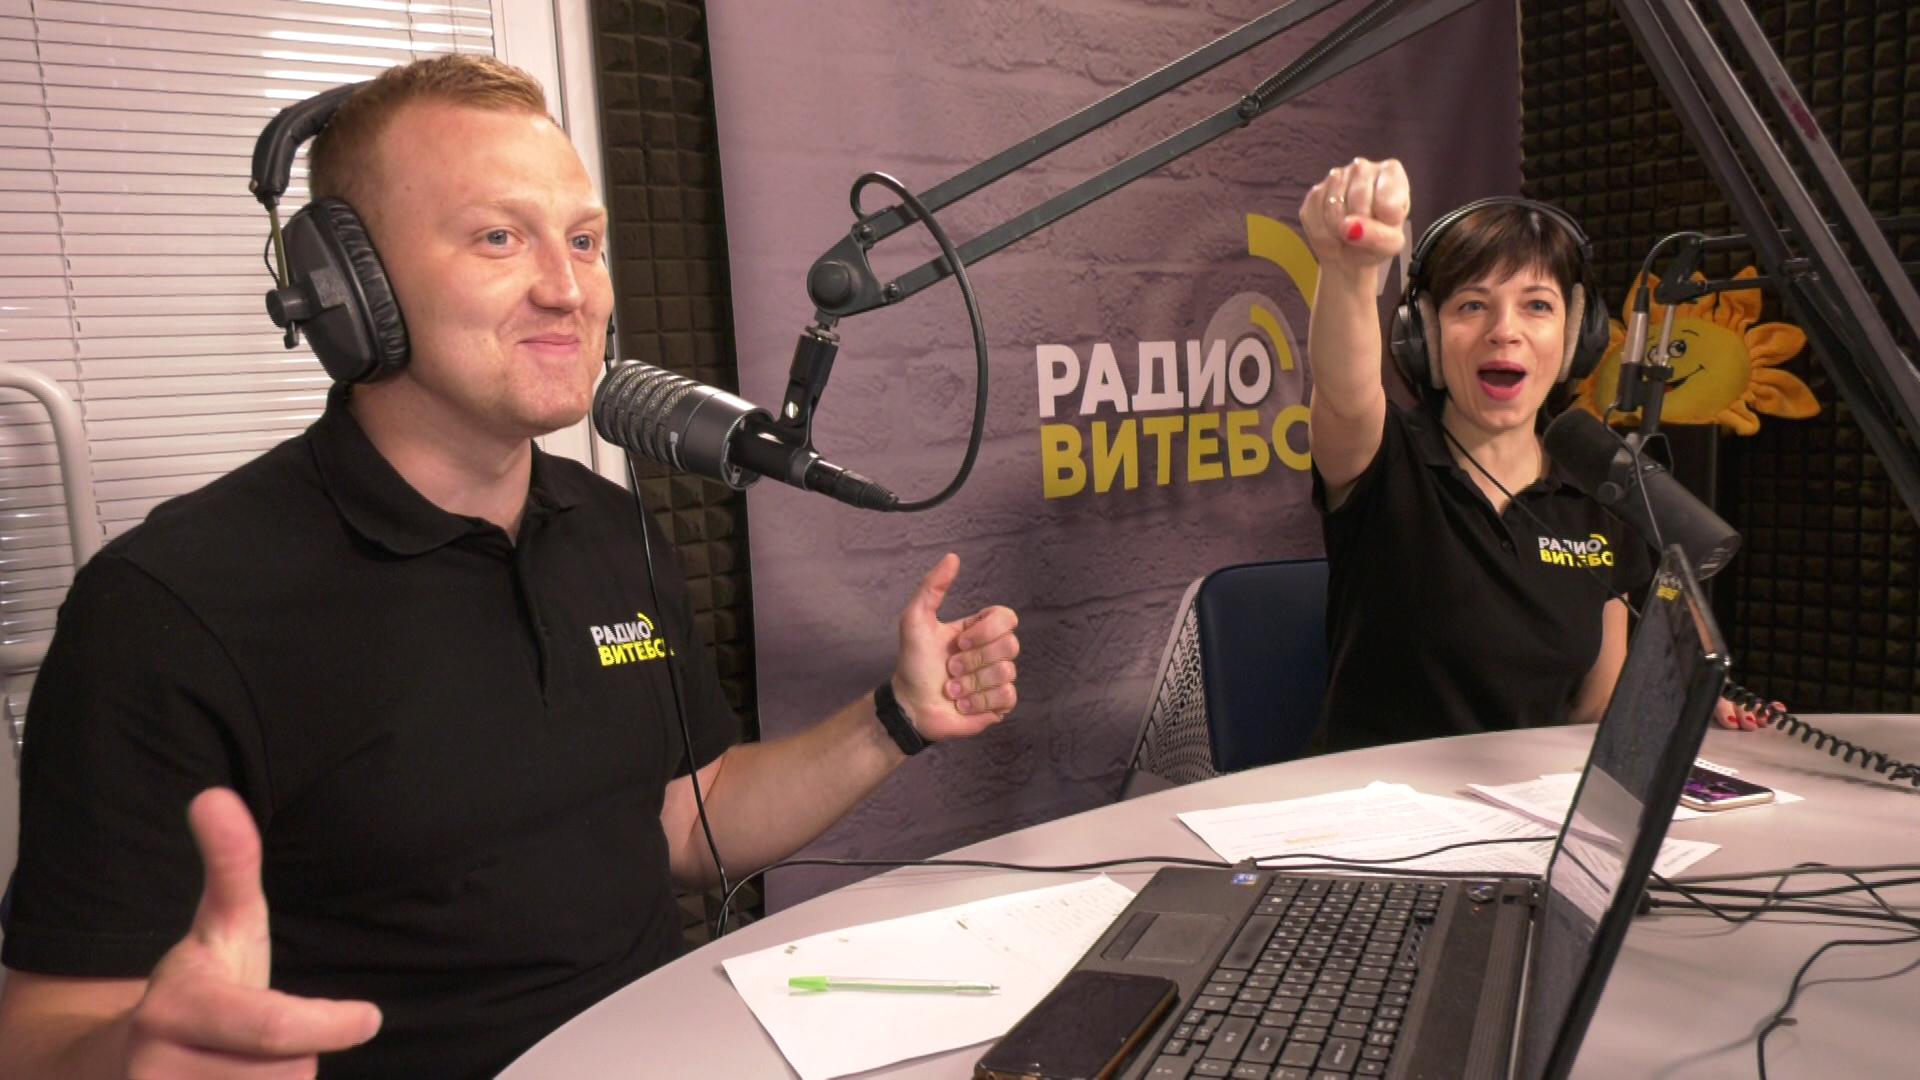 radio vitebsk 1 - «Радио Витебск» отпраздновало 22-ой День рождения (видео)